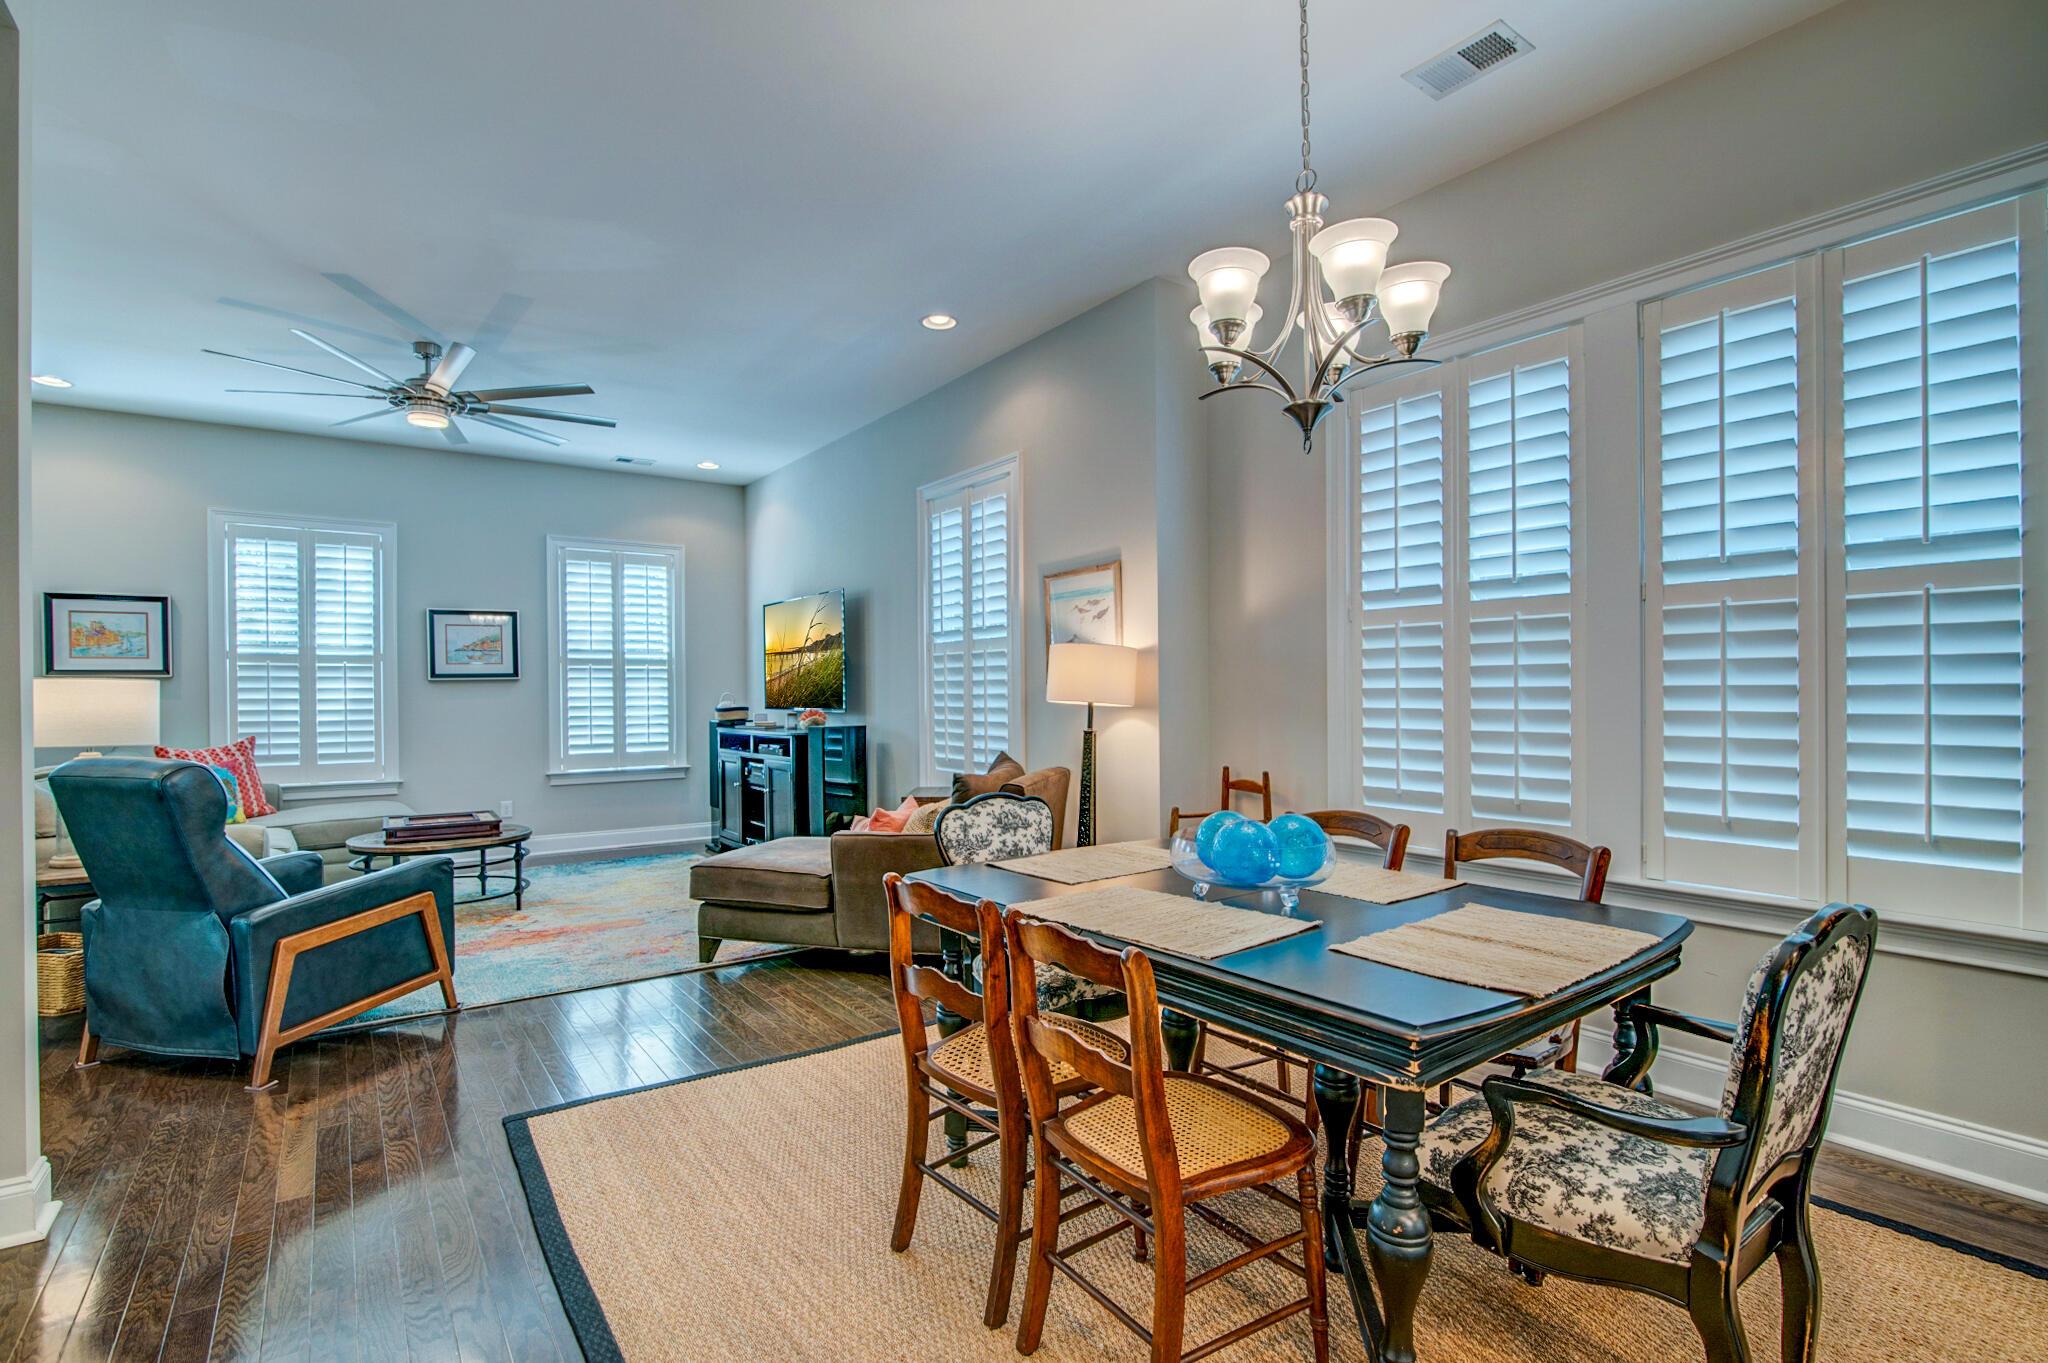 Whitesides Park Homes For Sale - 1102 Alagash Way, Mount Pleasant, SC - 23